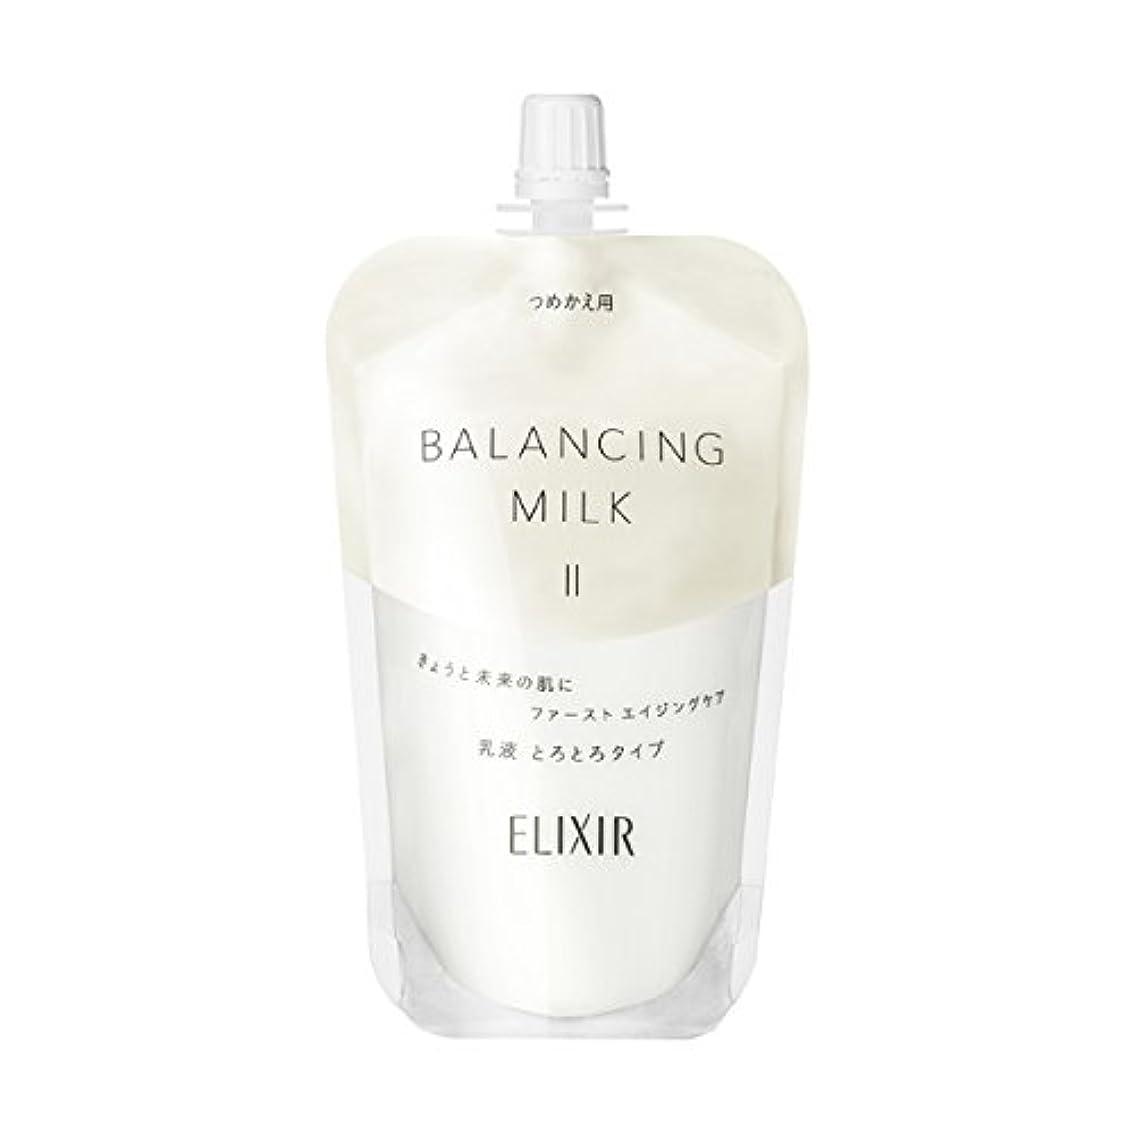 道に迷いました反逆誓いエリクシール ルフレ バランシング ミルク 乳液 2 (とろとろタイプ) (つめかえ用) 110mL